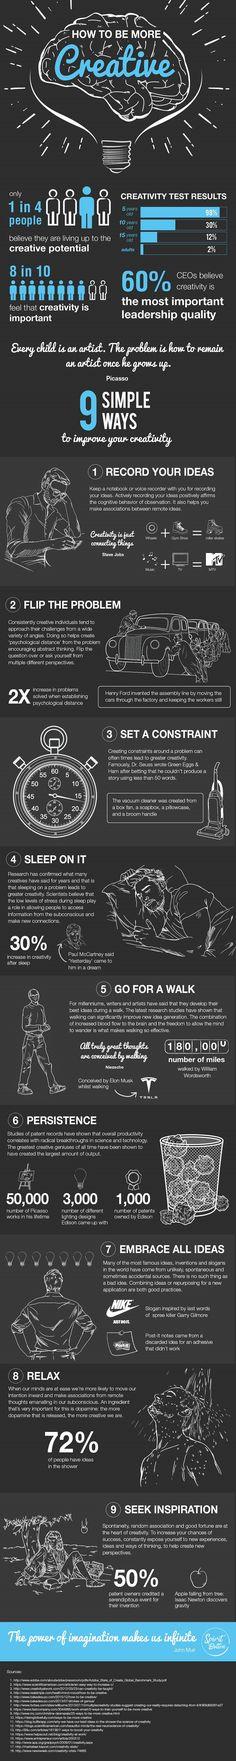 9 maneiras simples de ser mais criativo